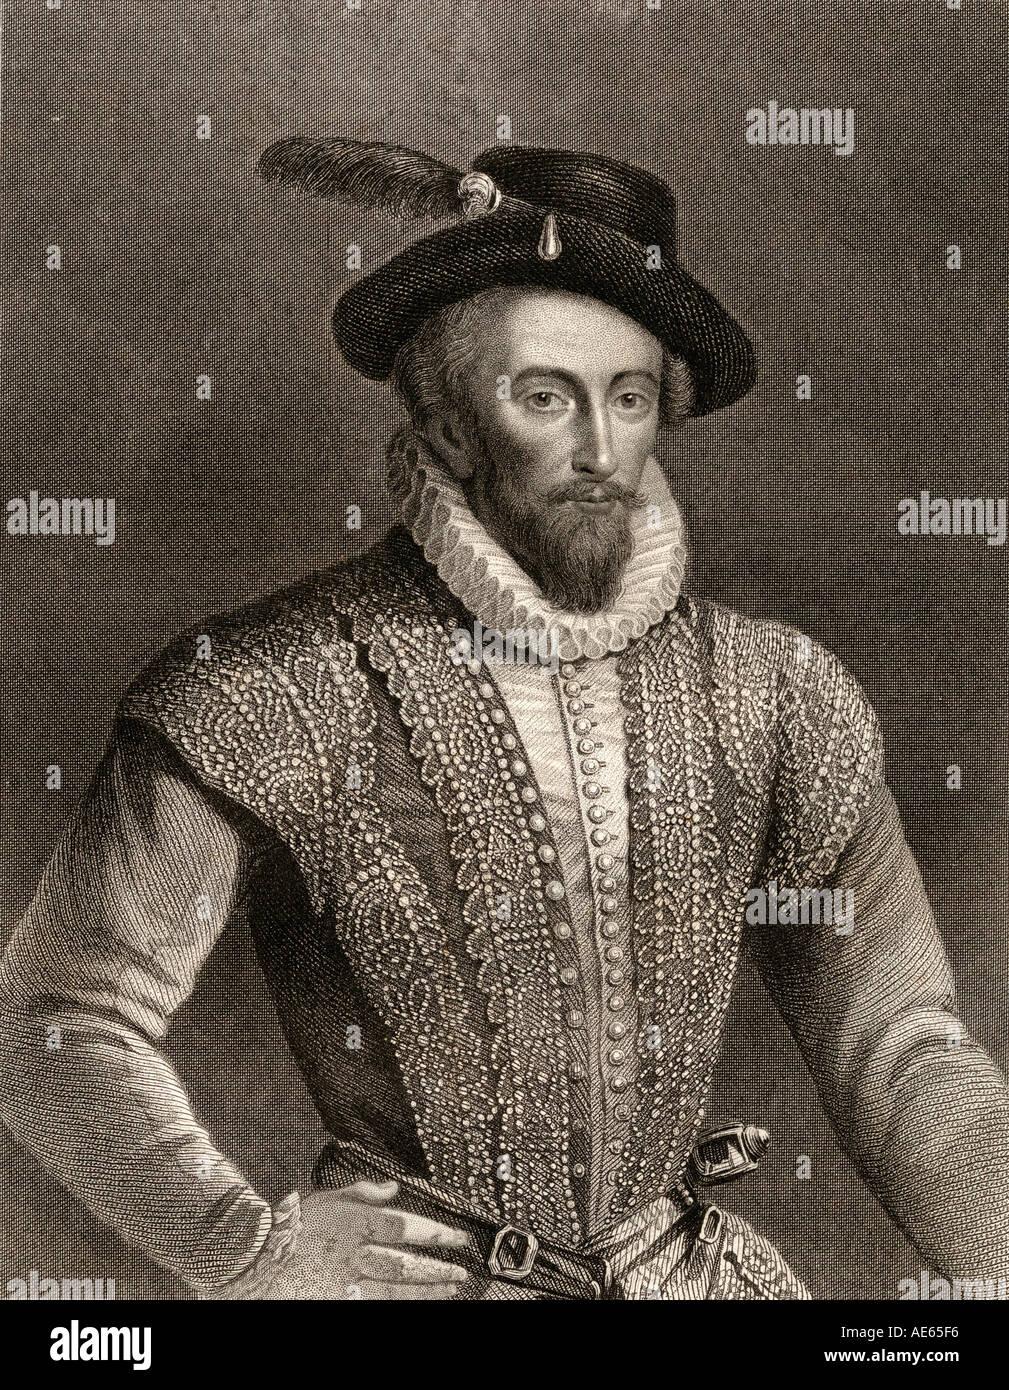 Sir Walter Raleigh, c 1554 - 1618.Inglés aterrizó caballero, escritor, poeta, soldado, político, cortesano, espía Foto de stock